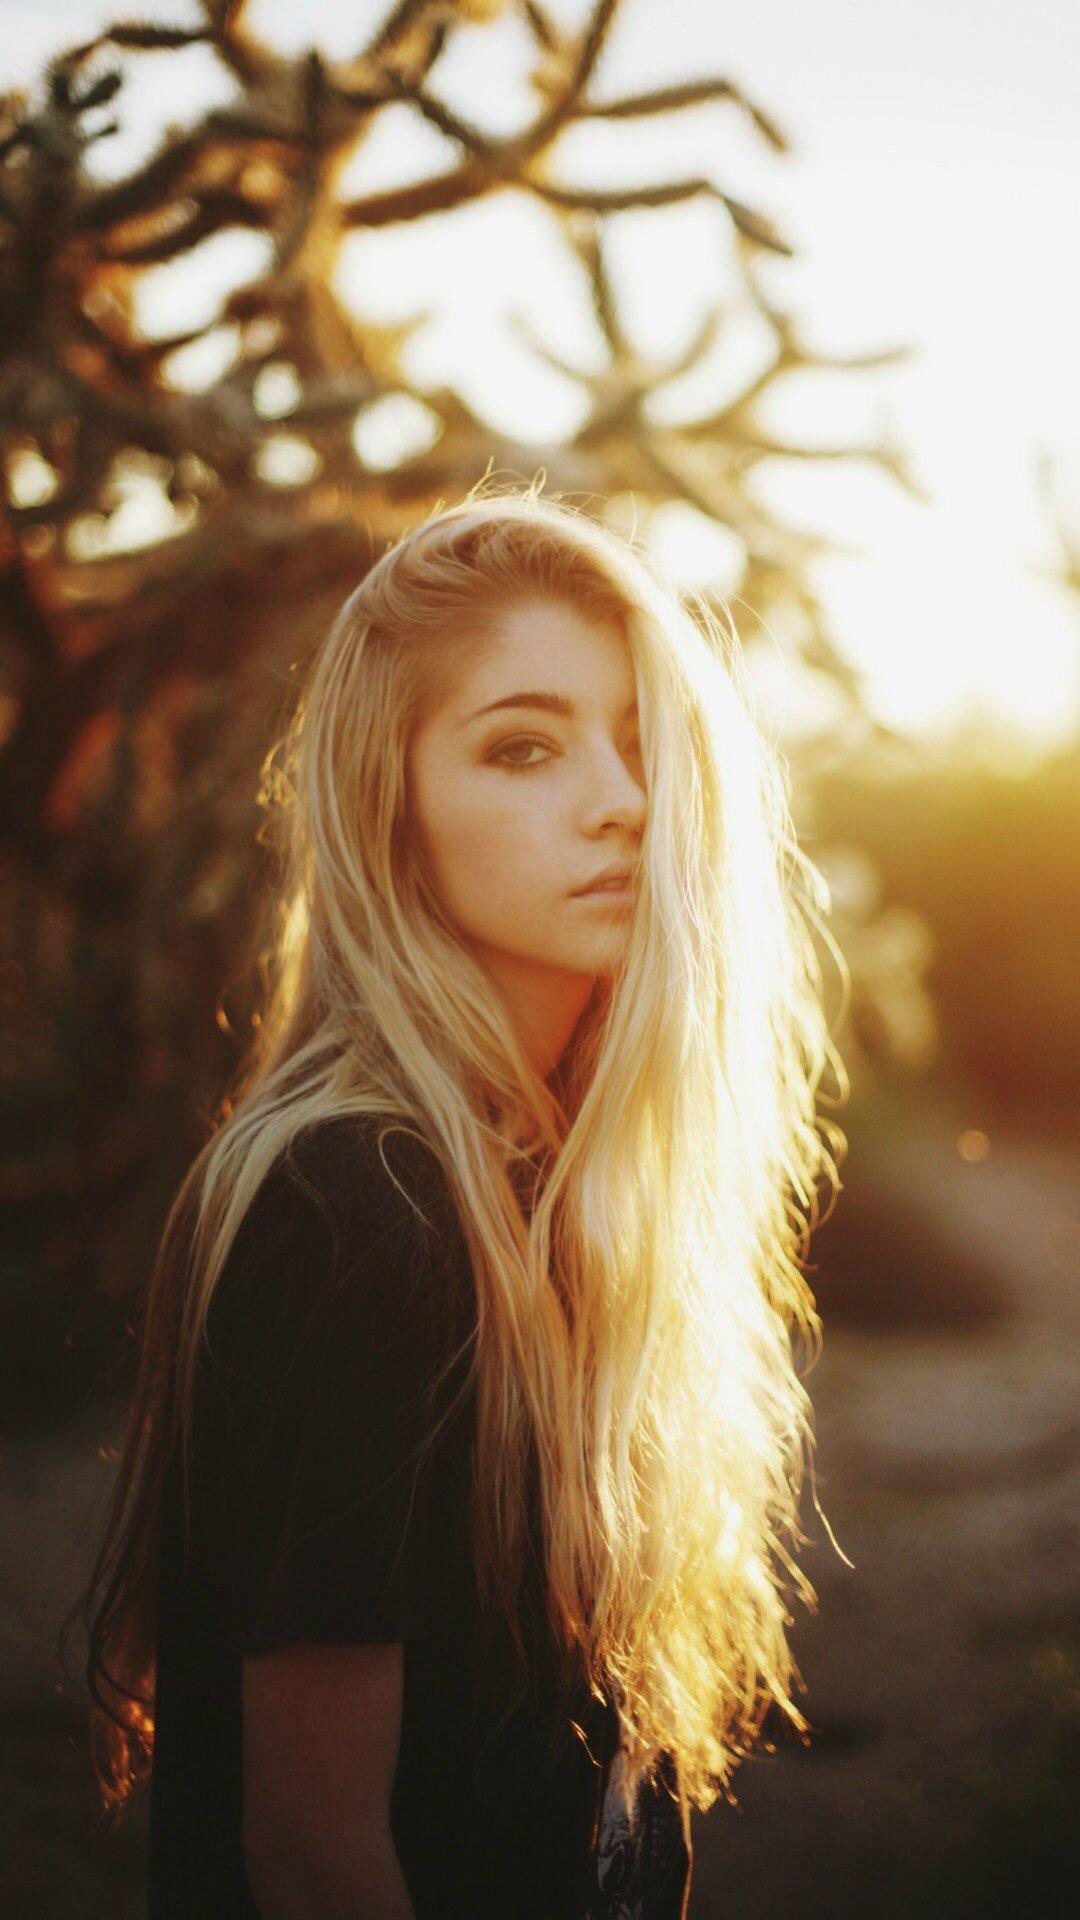 金发 阳光 长发 欧美 女孩